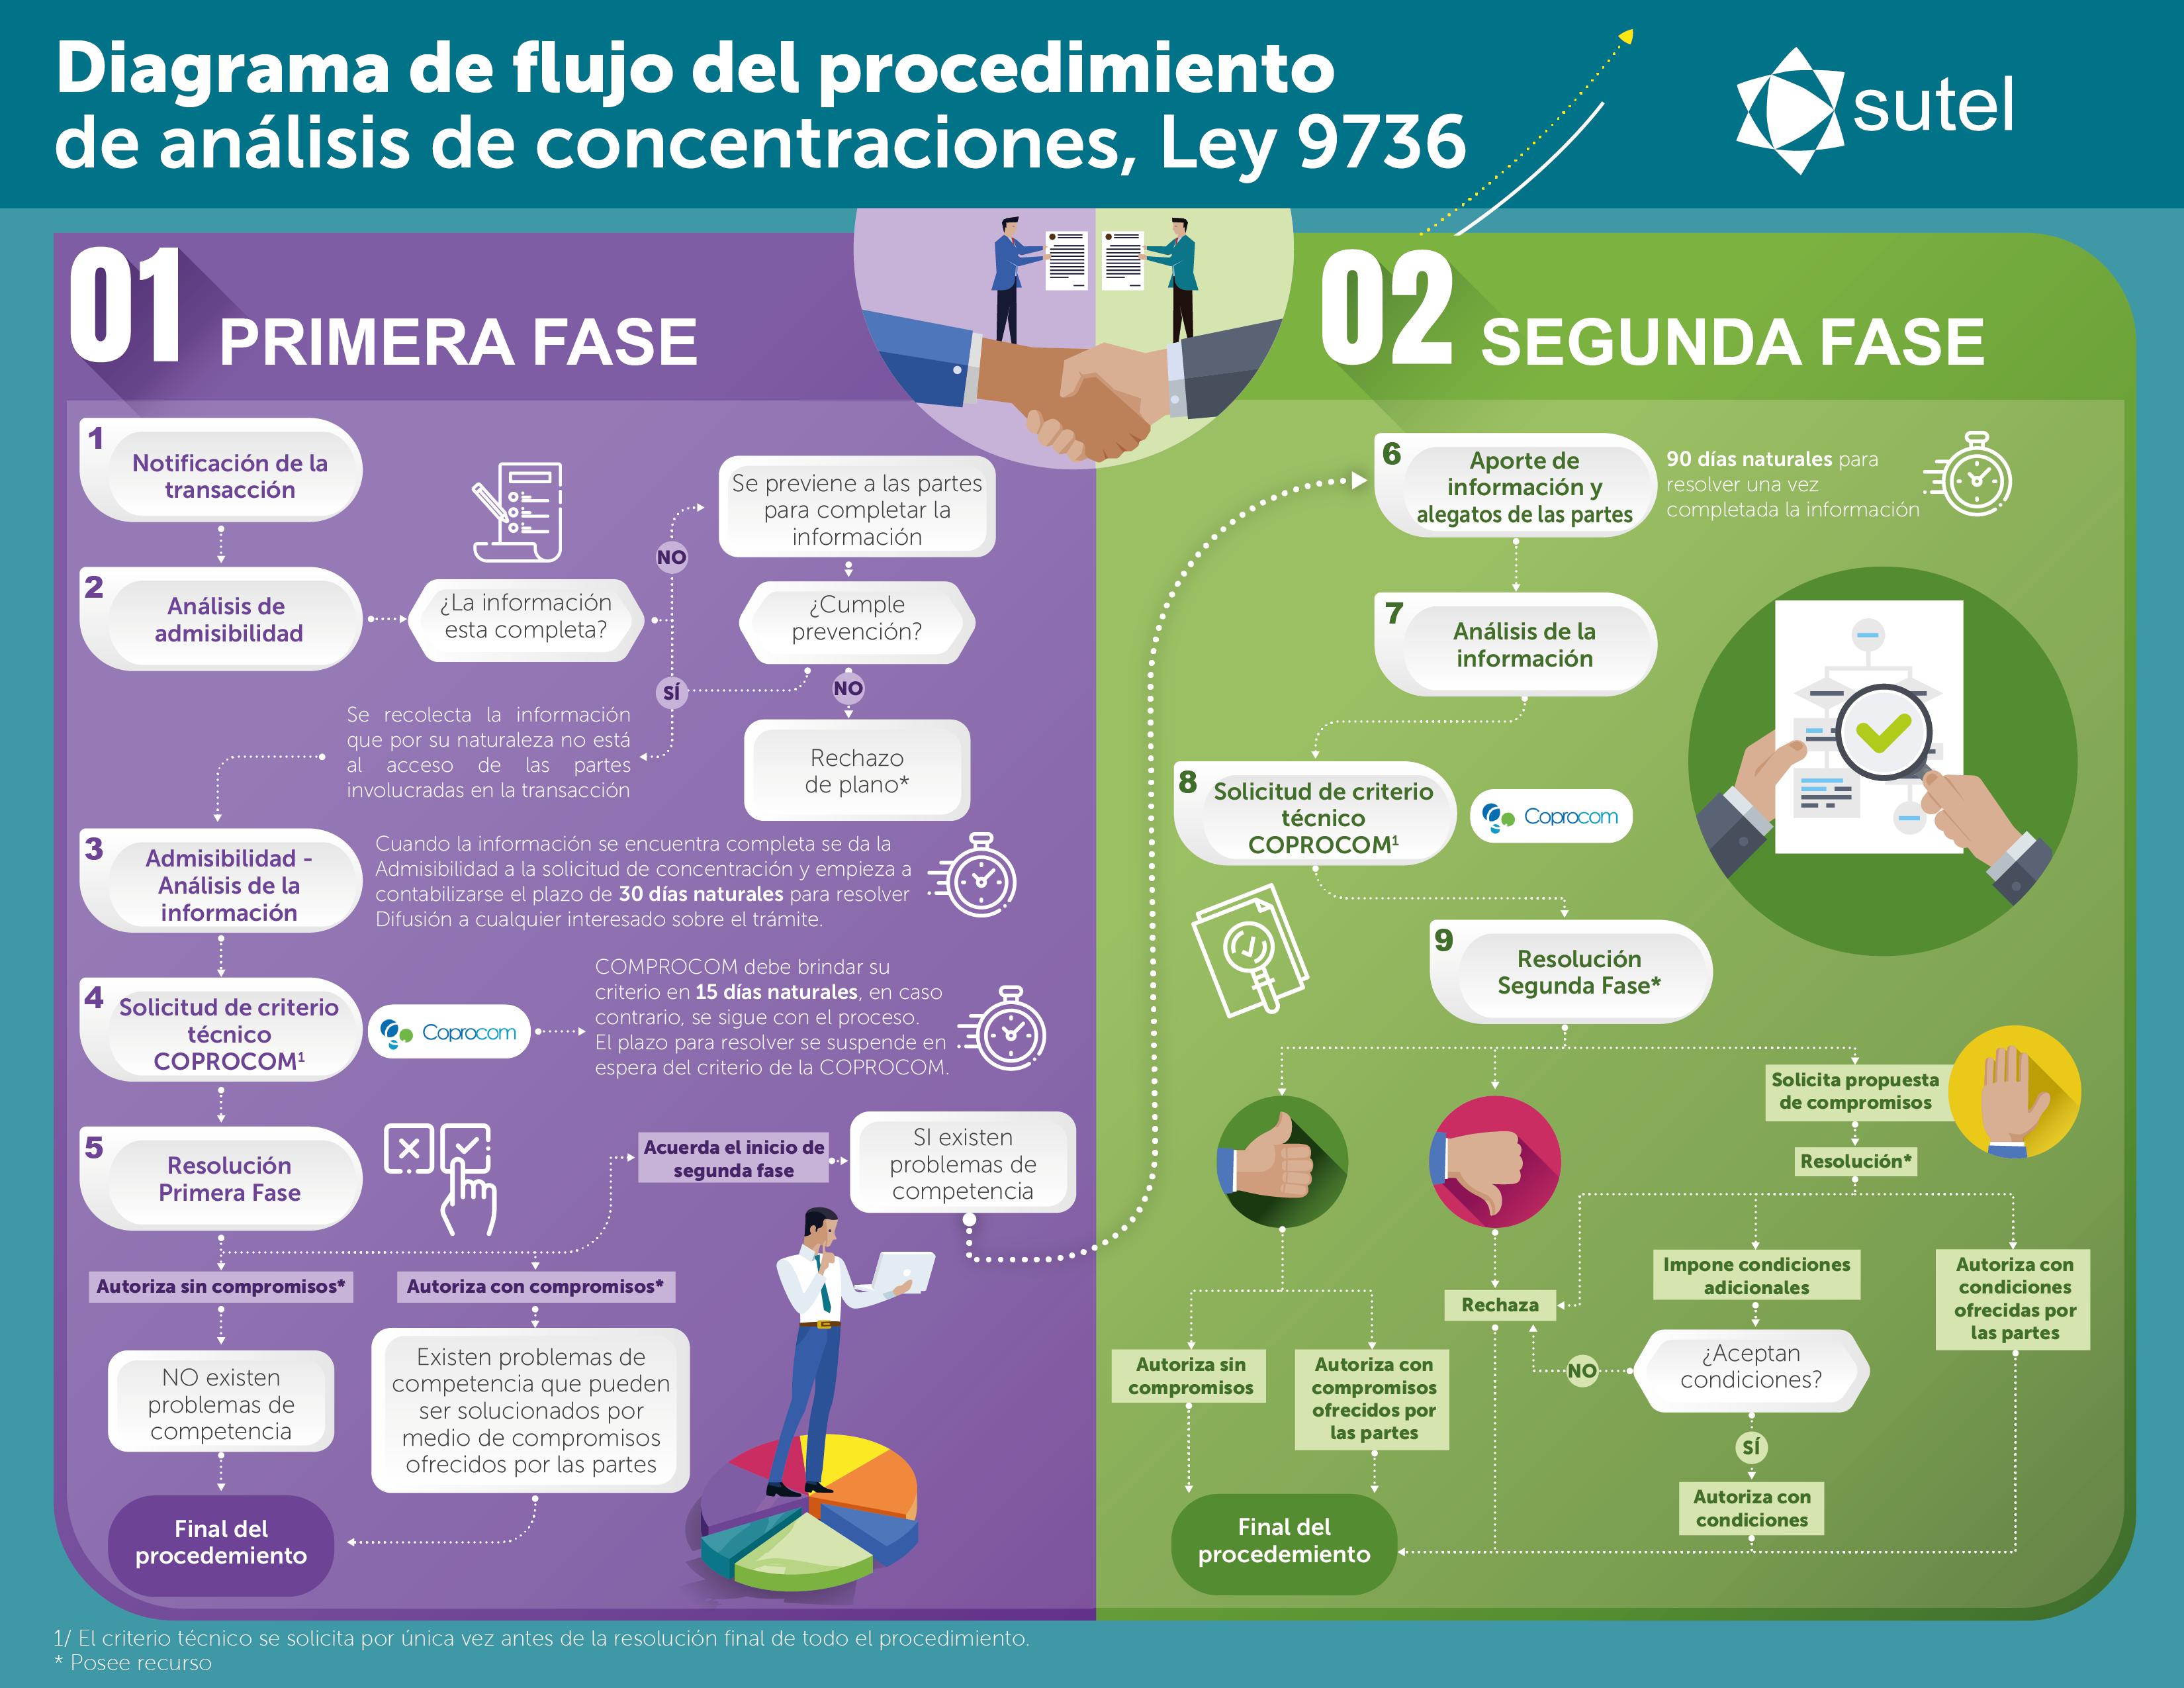 Infografía procedimiento análisis de concentraciones